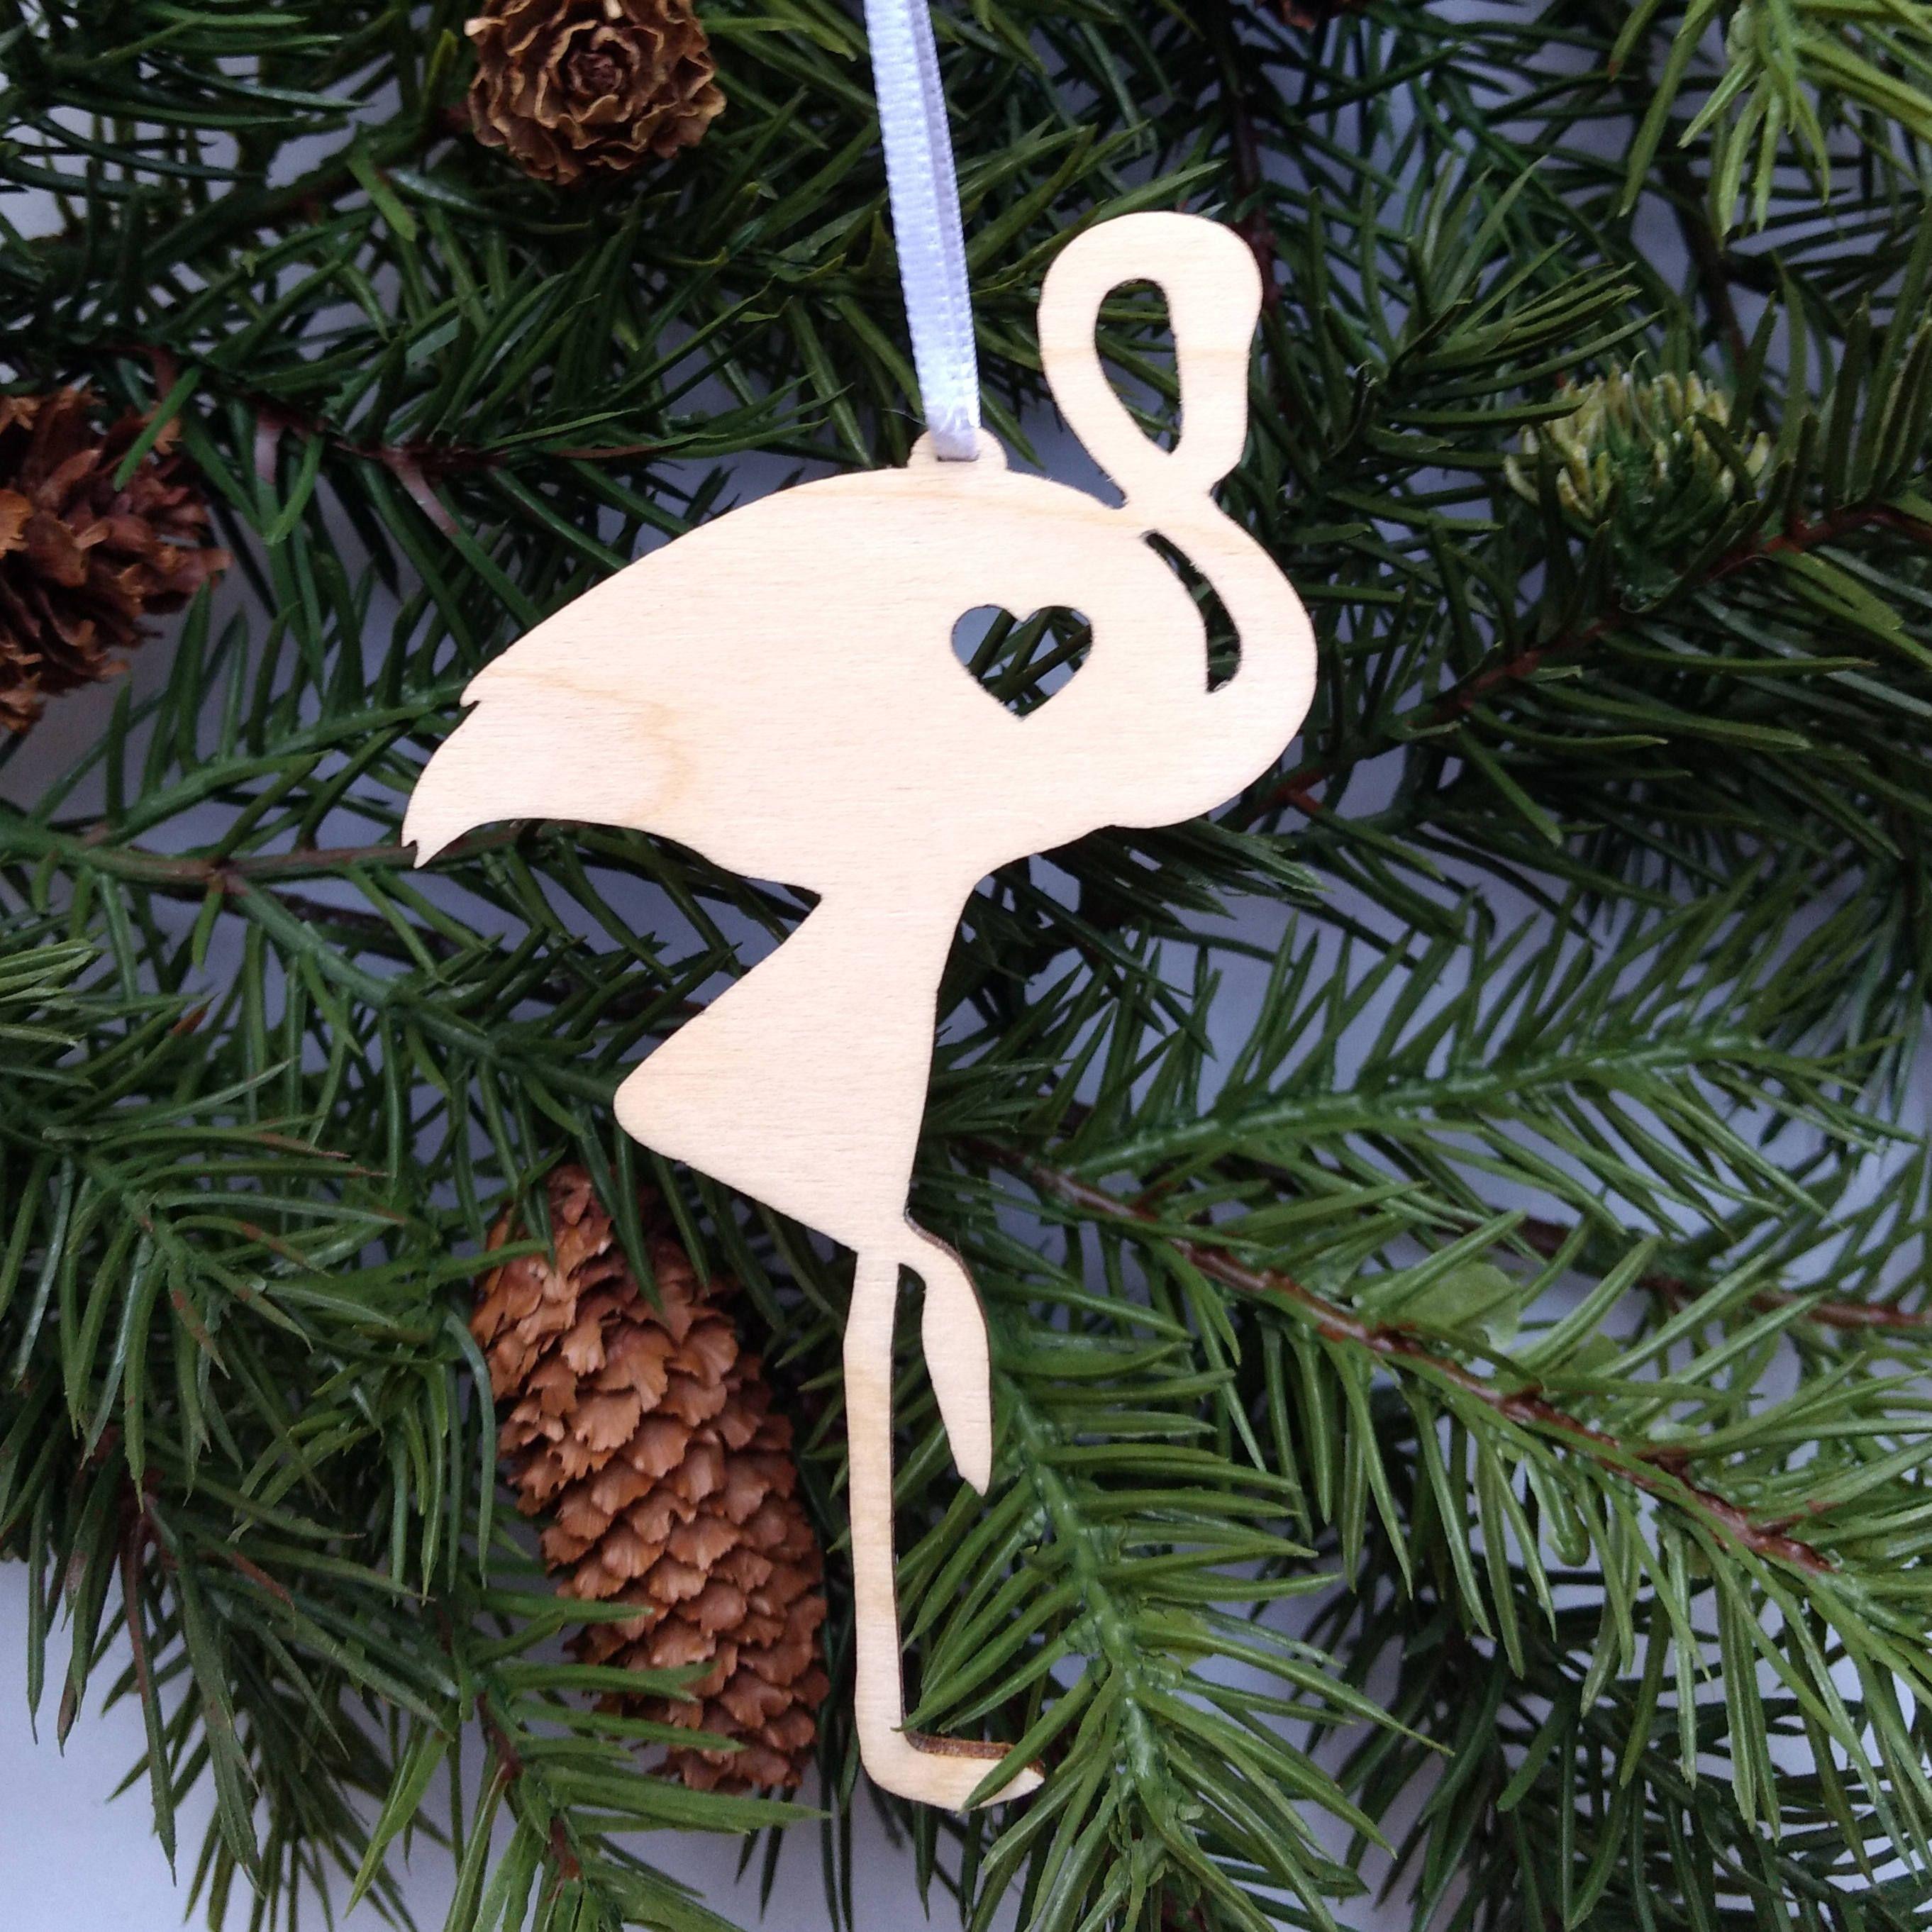 Flamingo christmas ornament wooden holiday decor xmas tree